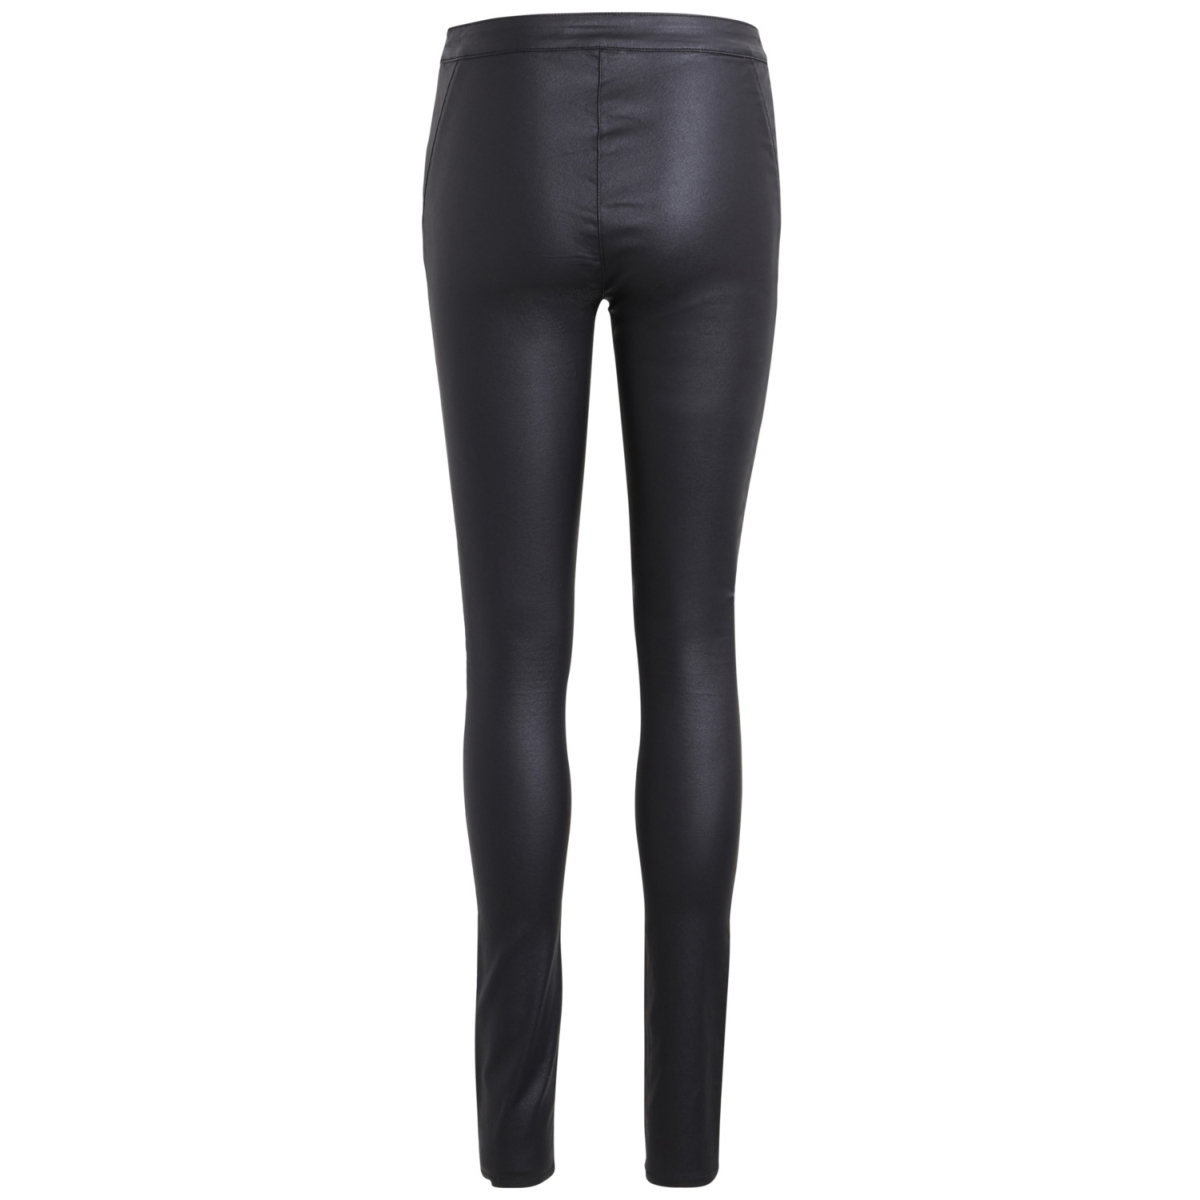 objbelle coated leggings noos 23025340 object legging black